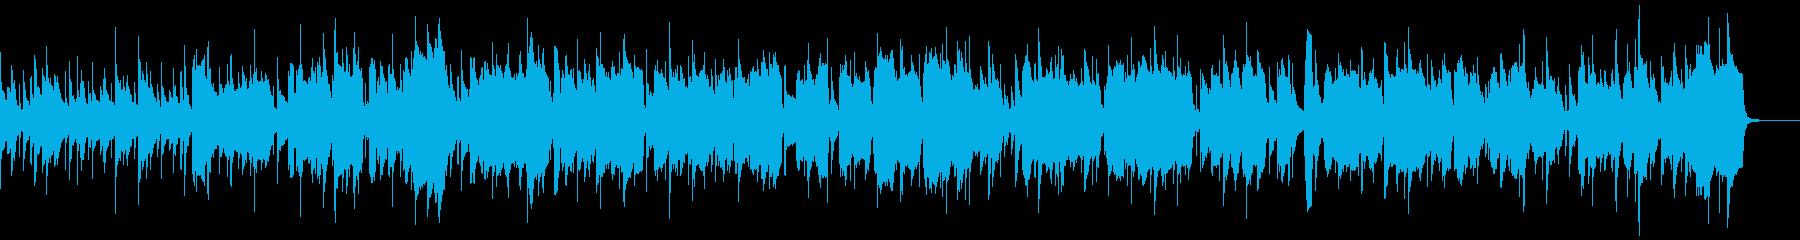 アルトサックスによる妖艶なジャズナンバーの再生済みの波形